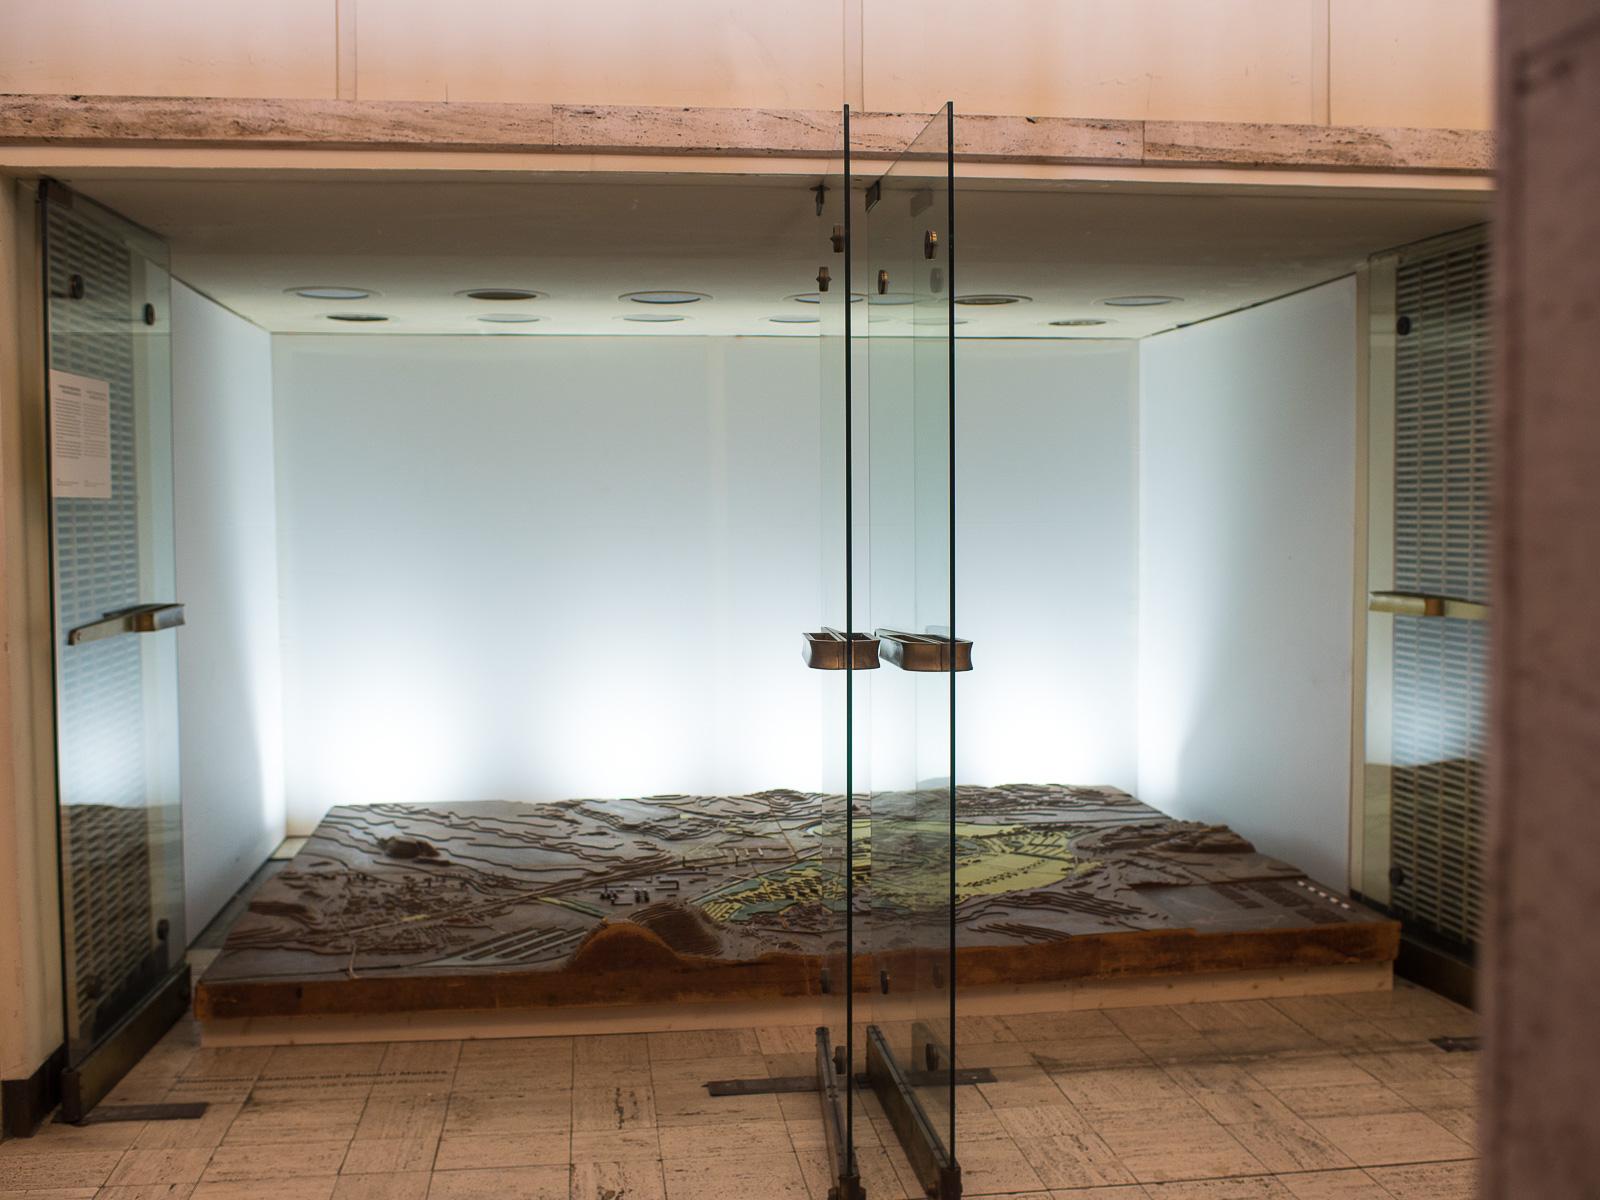 180928_MinBK_Resonanzen-Ausstellung-7_web